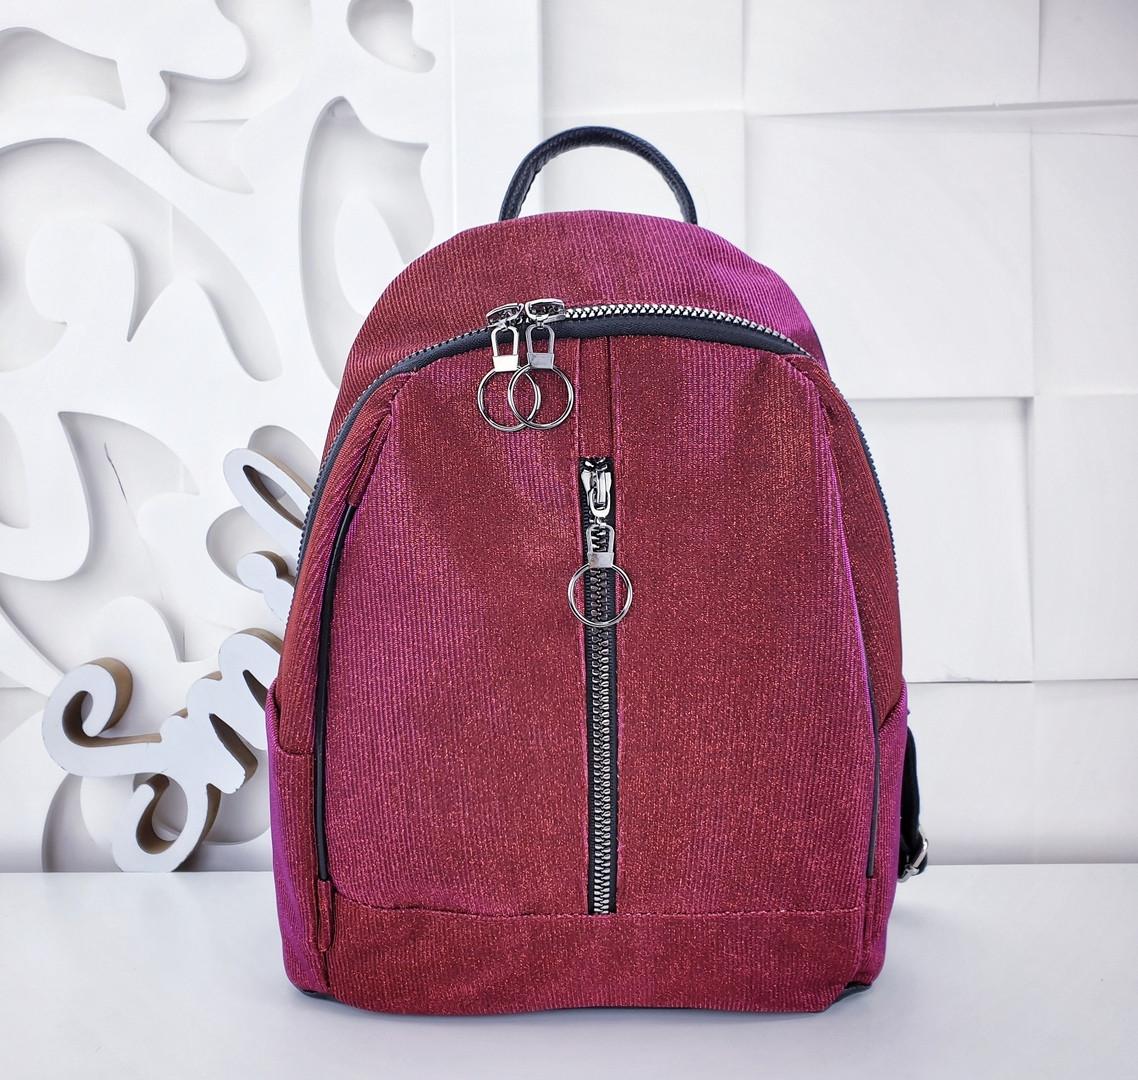 Женский рюкзак в цвете красный с переливом, полиэстер+люрекс+напыление+эко-кожа